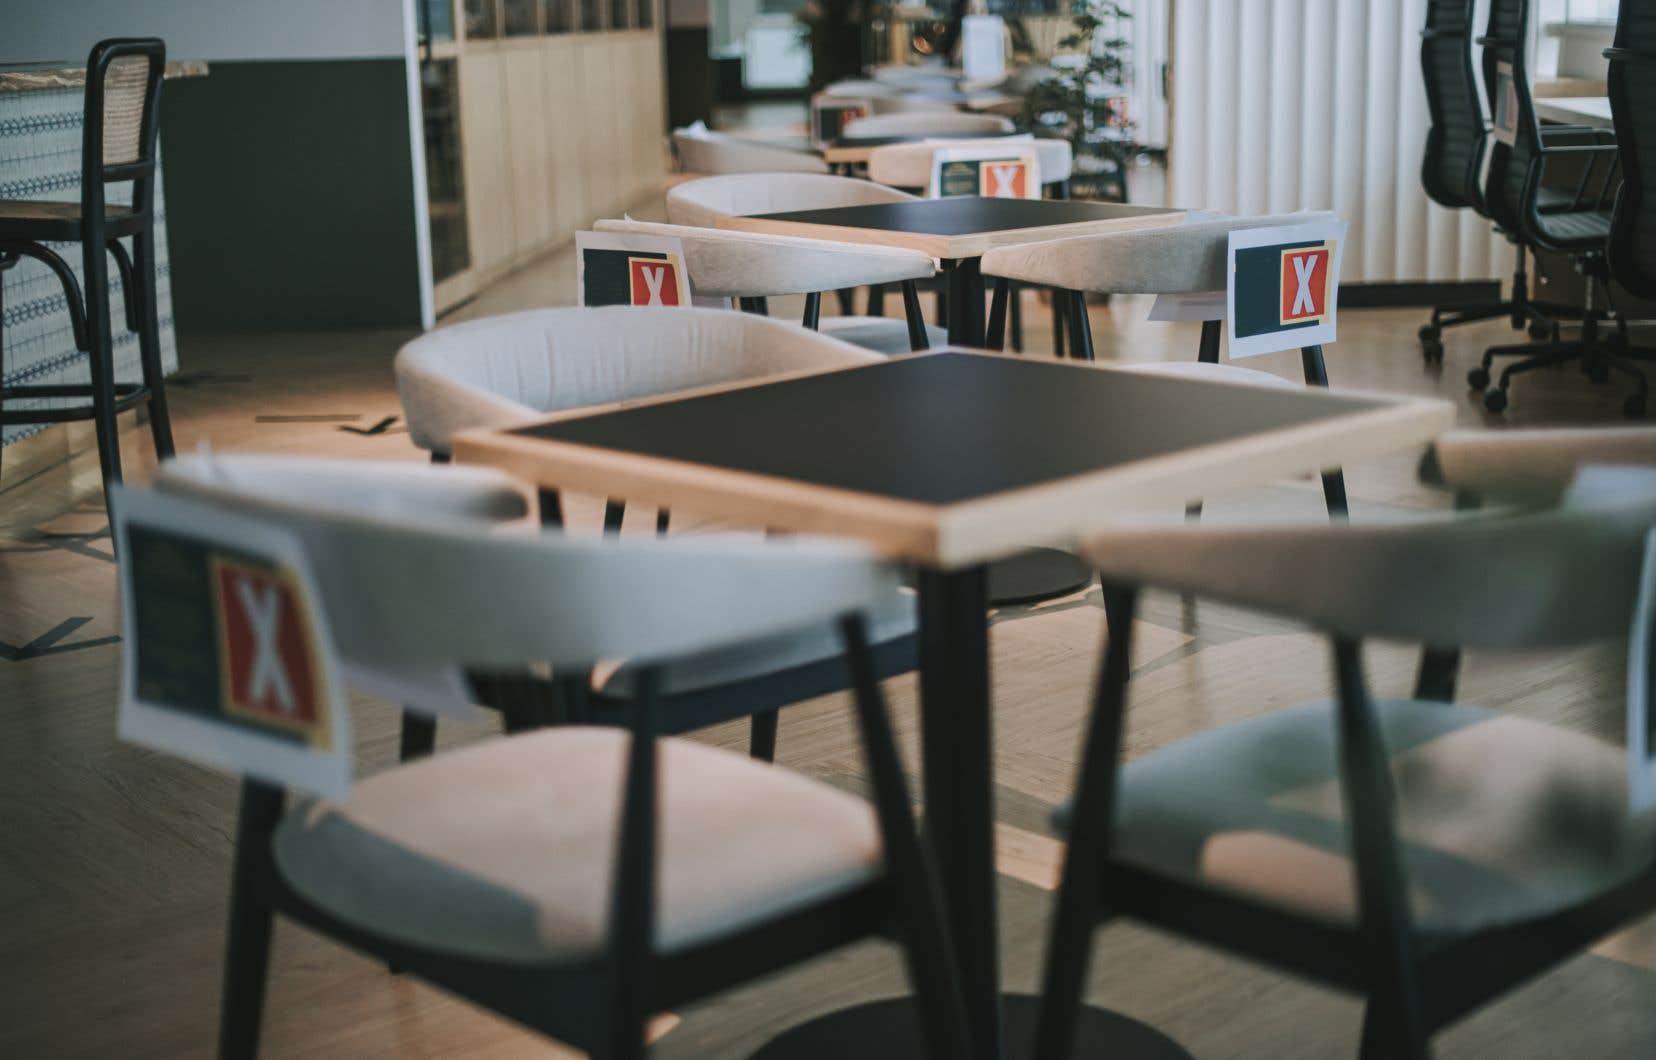 En matière de ventilation, seules les exigences habituelles du Code du bâtiment s'appliquent dans une foule de milieux, comme le secteur manufacturier, les restaurants ou les centres d'entraînement.